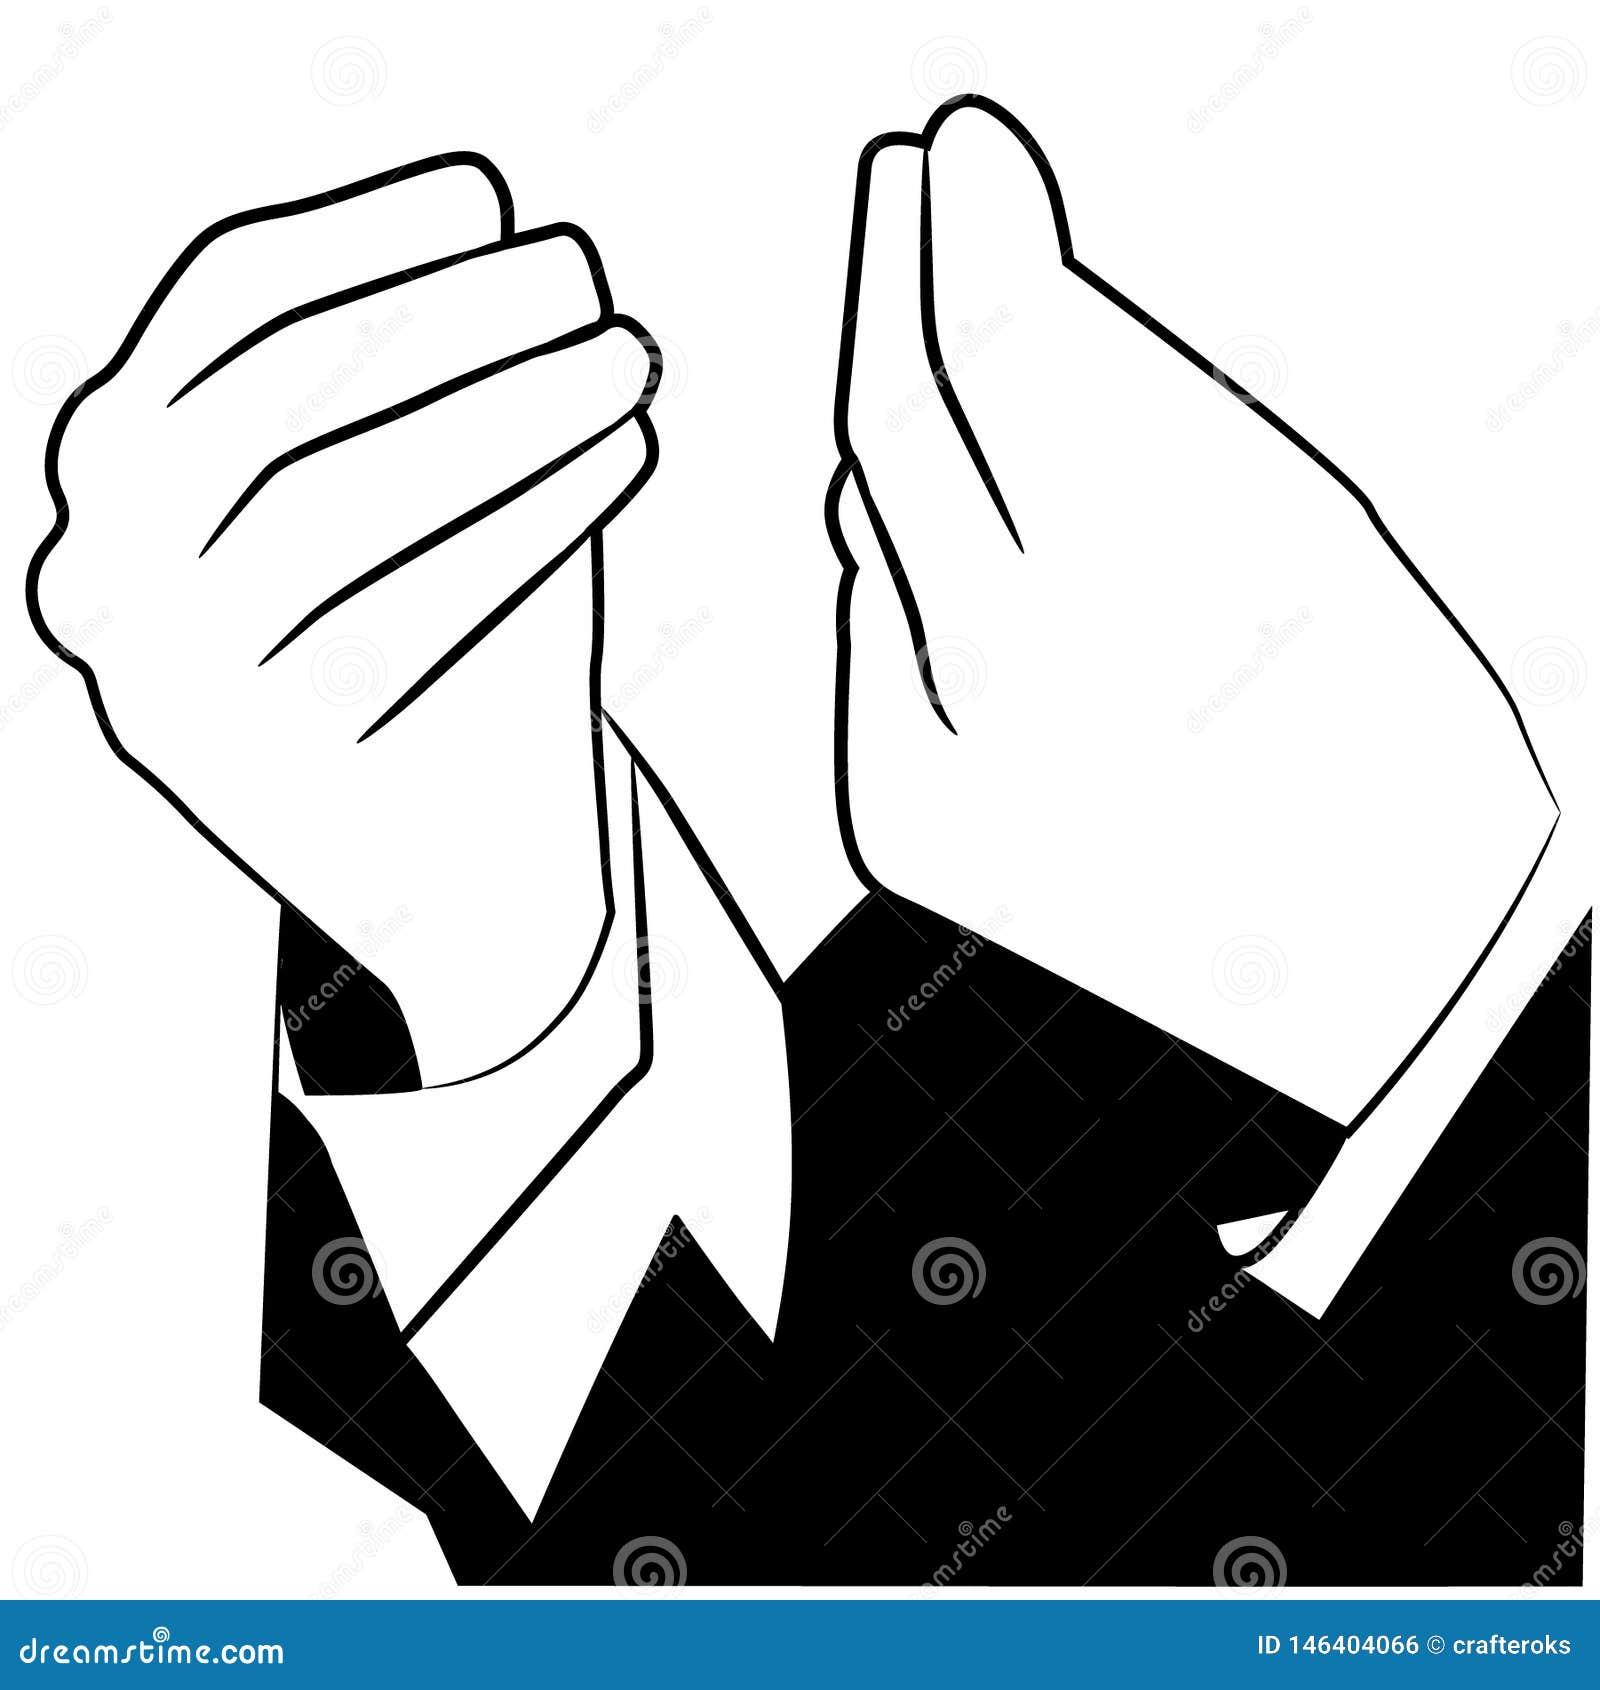 Włoska ręka gesta wektorowa ilustracja crafteroks